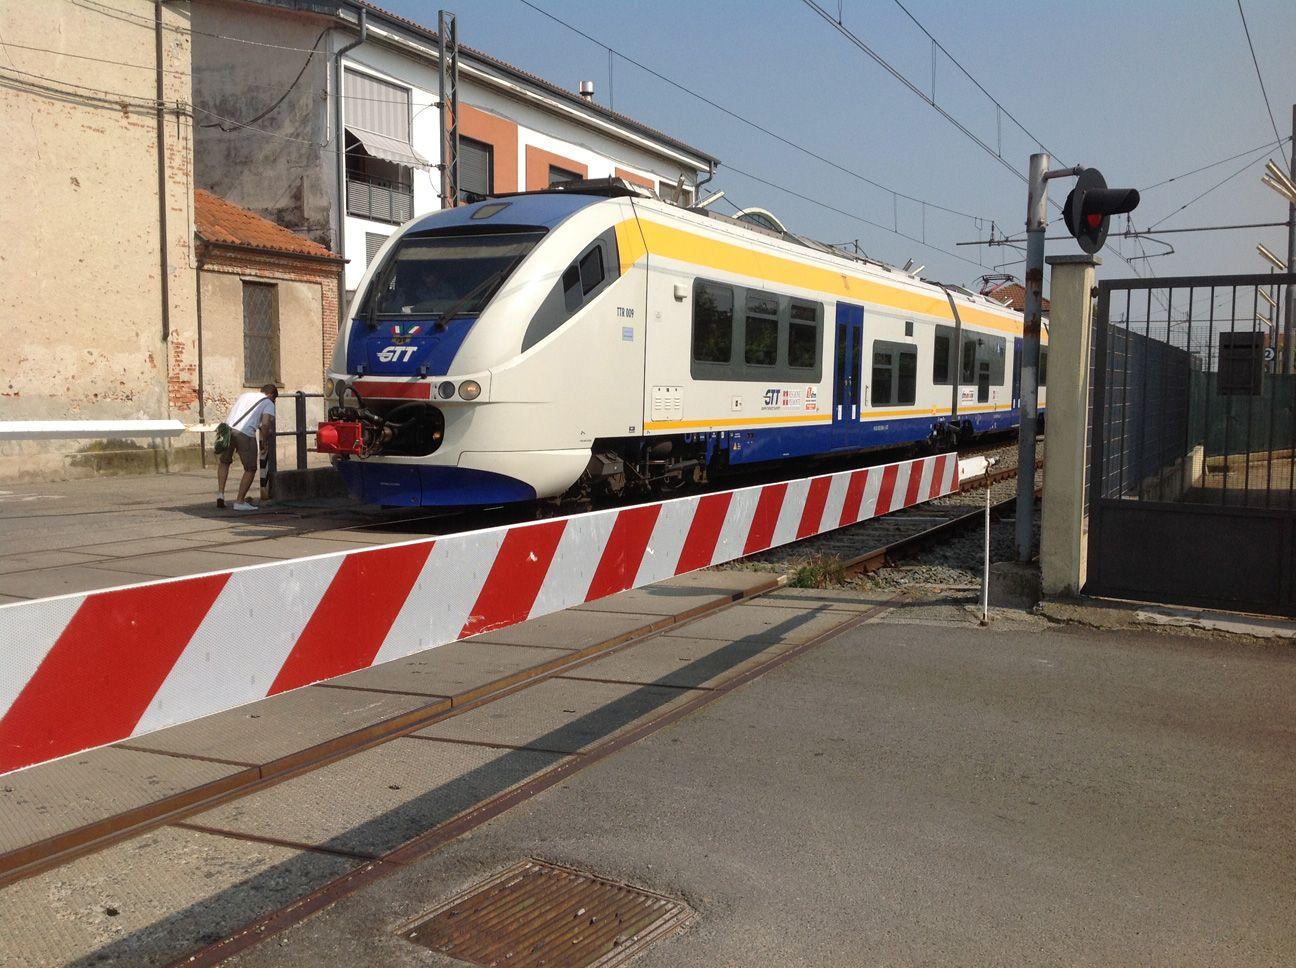 CANAVESANA - Treni sempre in ritardo? Gtt sconta gli abbonamenti